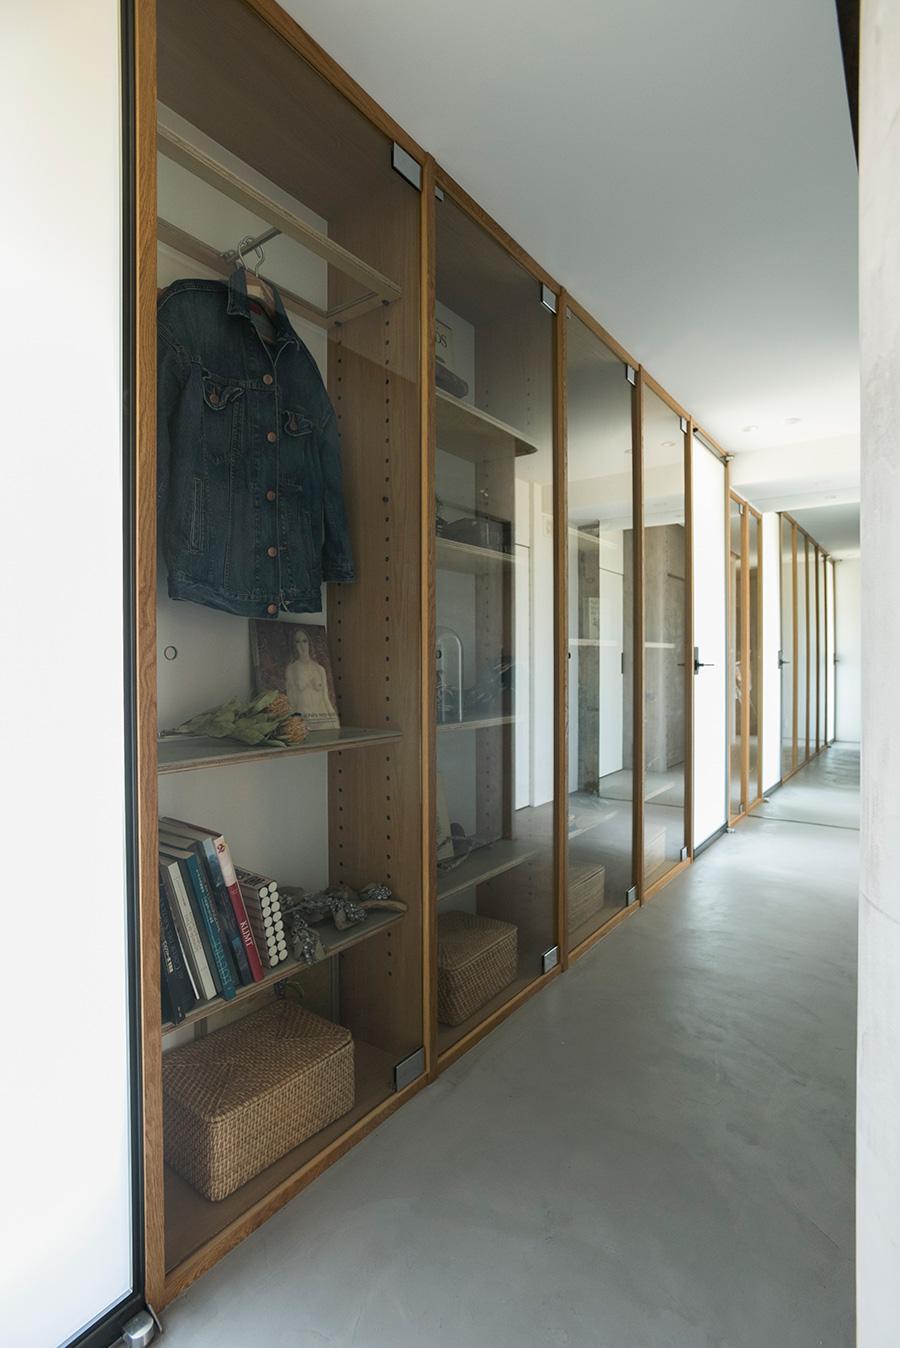 グレートーンの廊下にセンスのいいディスプレイが映える。突き当たりには鏡を設置し、空間に広がりを出している。